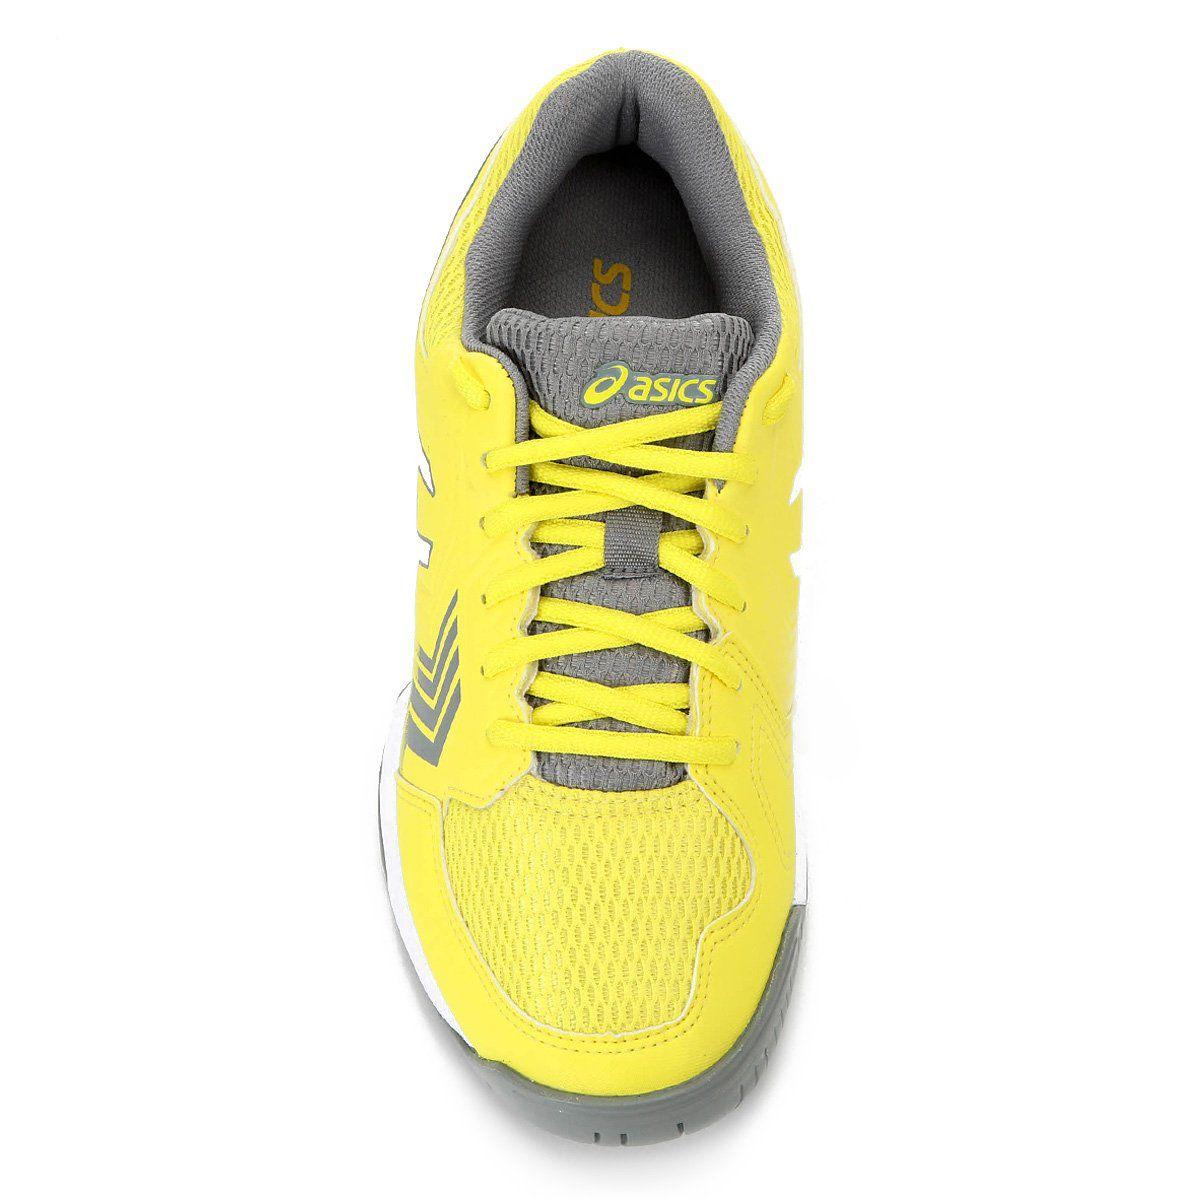 Tênis Asics Gel-Dedicate 5A Feminino - Branco e Amarelo